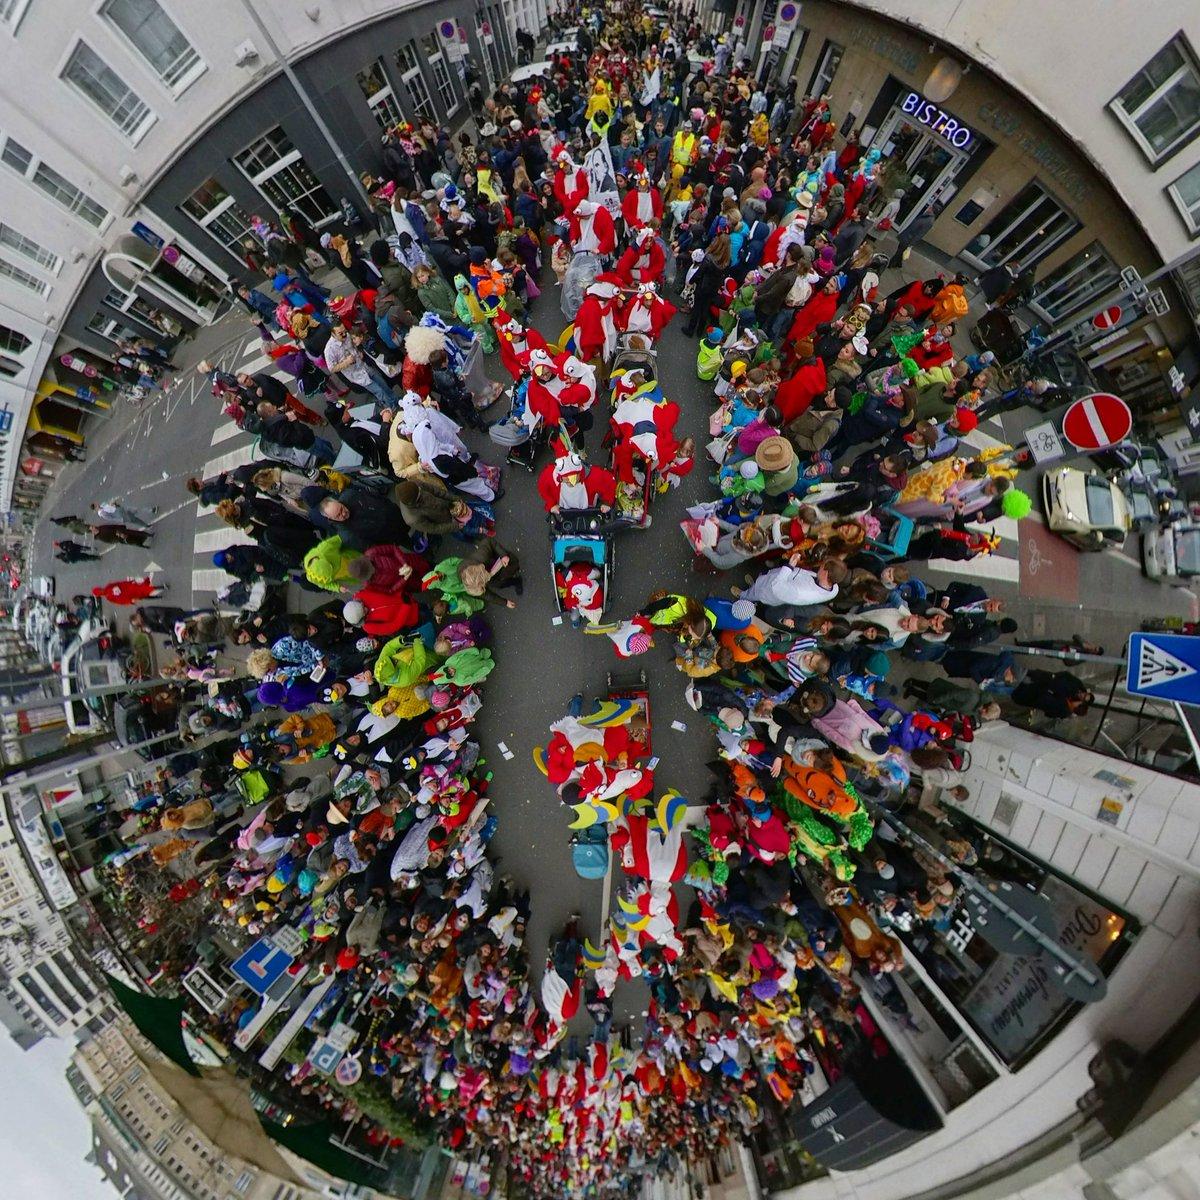 Blick in den #Karneval von oben #Düsseldorf #Duesseldorf #helau #Tinyplanetpic.twitter.com/3v2GqQdwpL